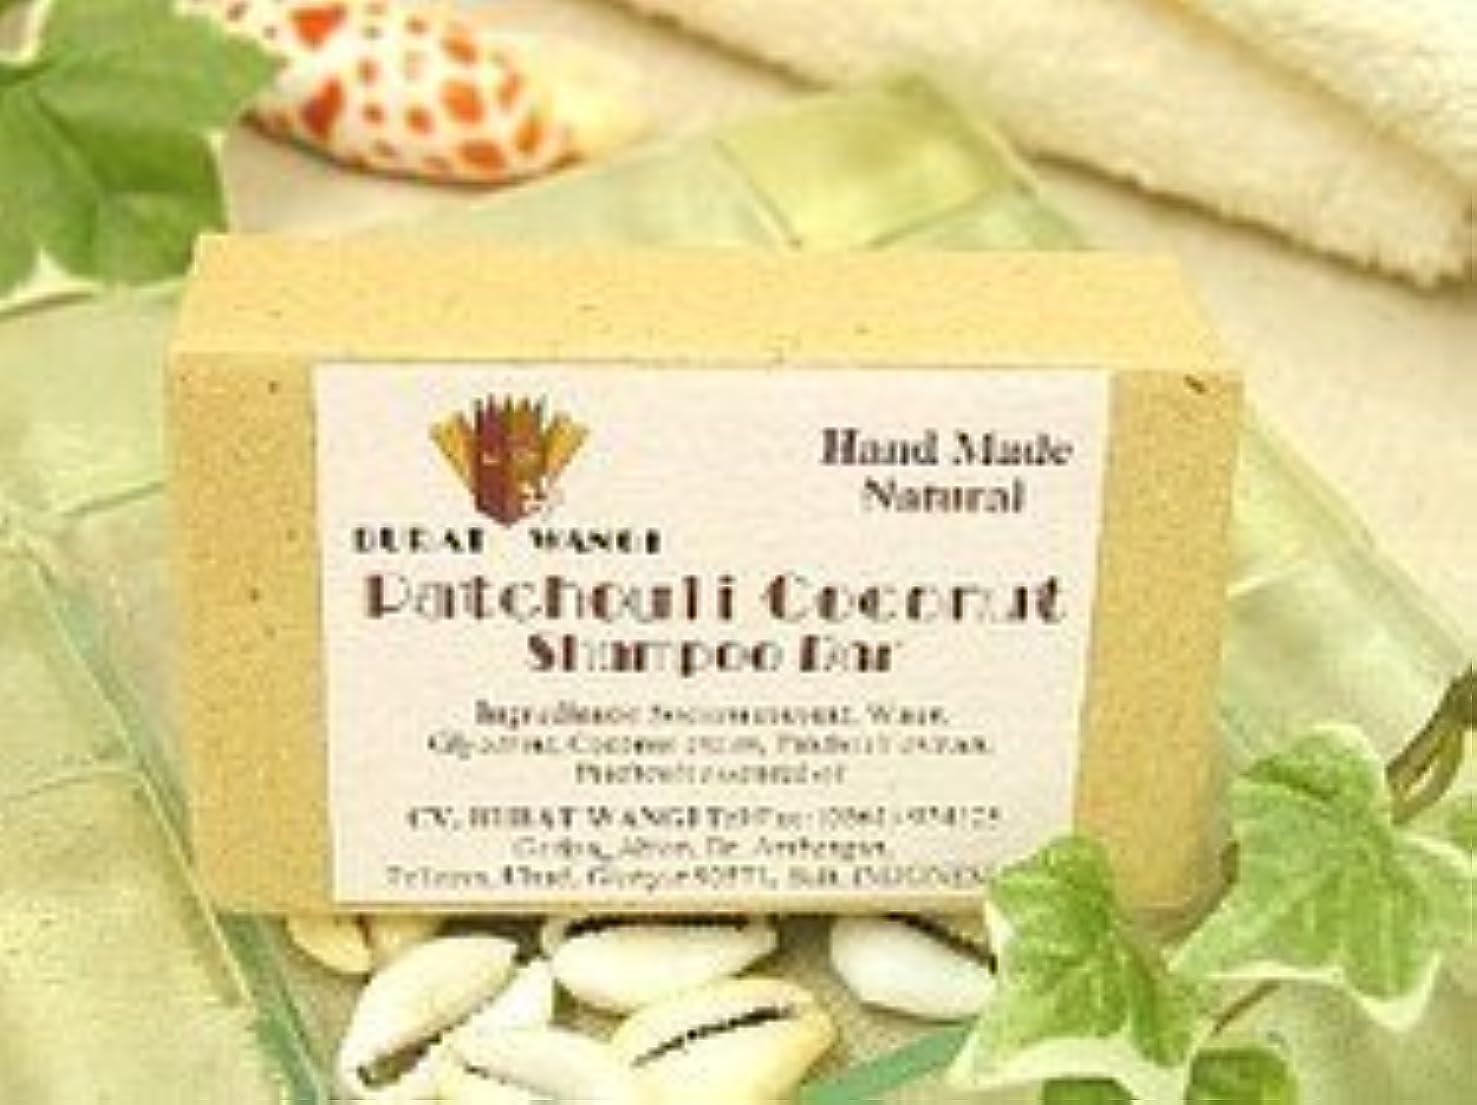 誘うよく話される波紋パチュリー シャンプーバー ブラットワンギ 手作り 純石鹸 アジアン雑貨